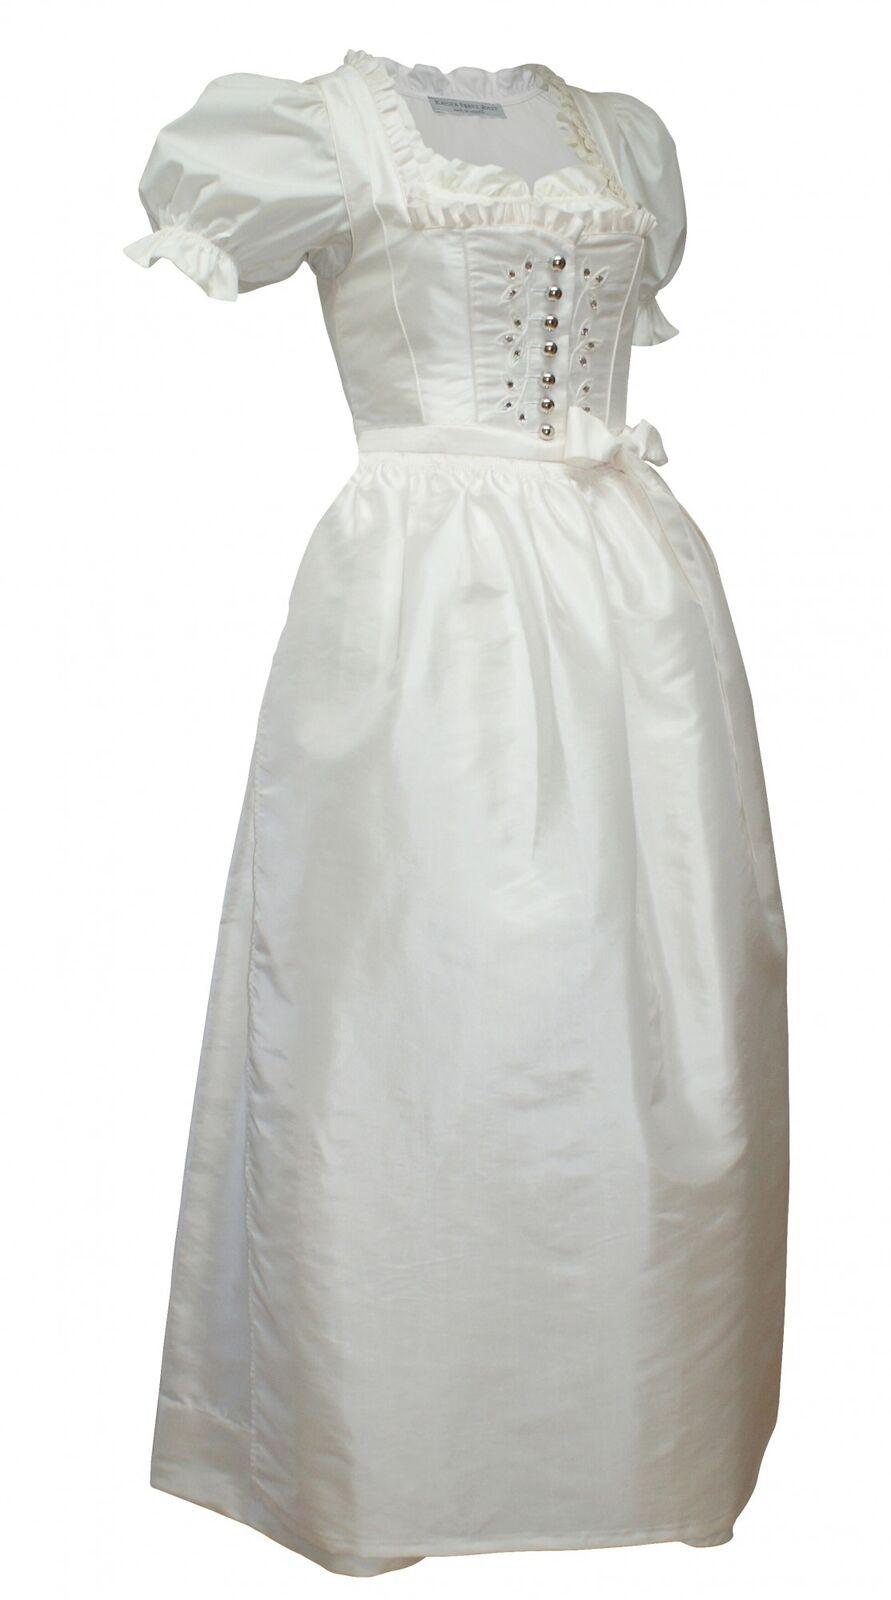 Hochzeitskleid Dirndl Brautkleid + Bluse Brautdirndl Braut-Dirndl Hochzeit creme